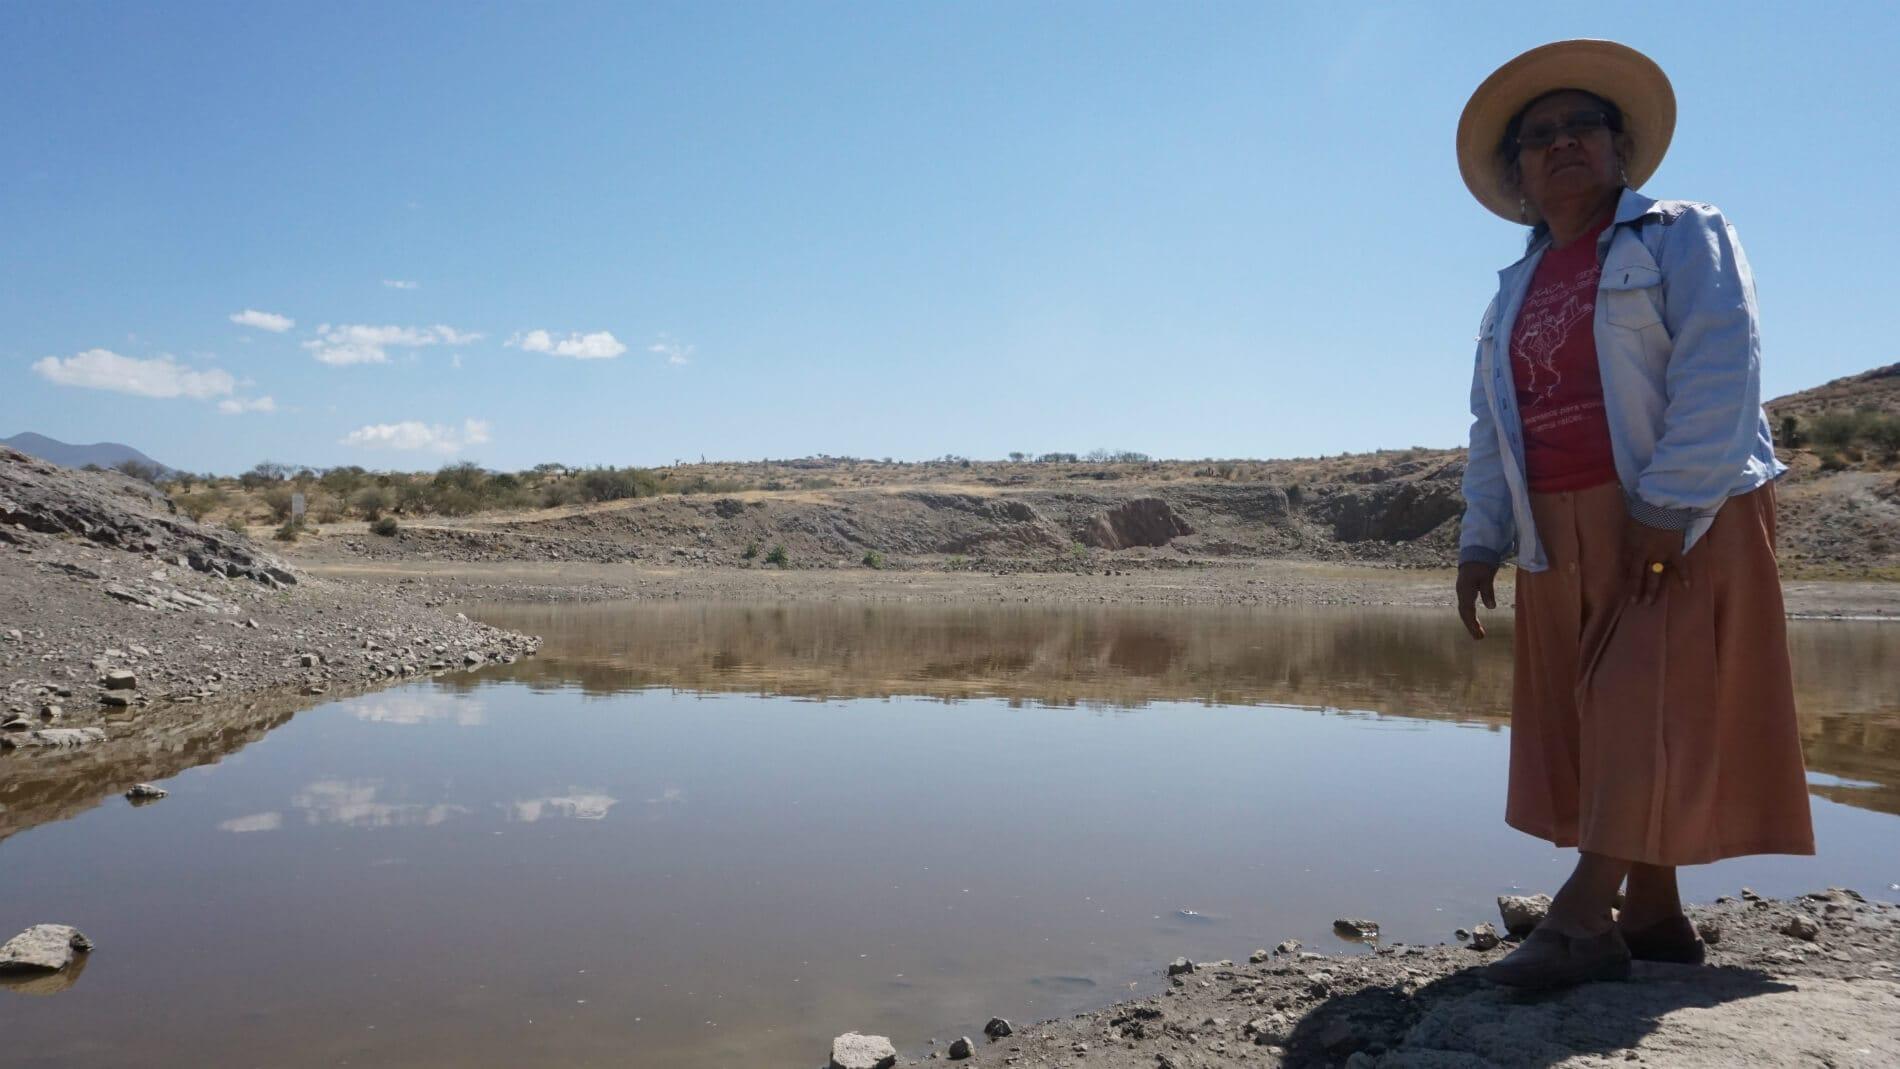 Redefinición de la identidad étnica y de género: en el movimiento de mujeres mazahuas en defensa del agua